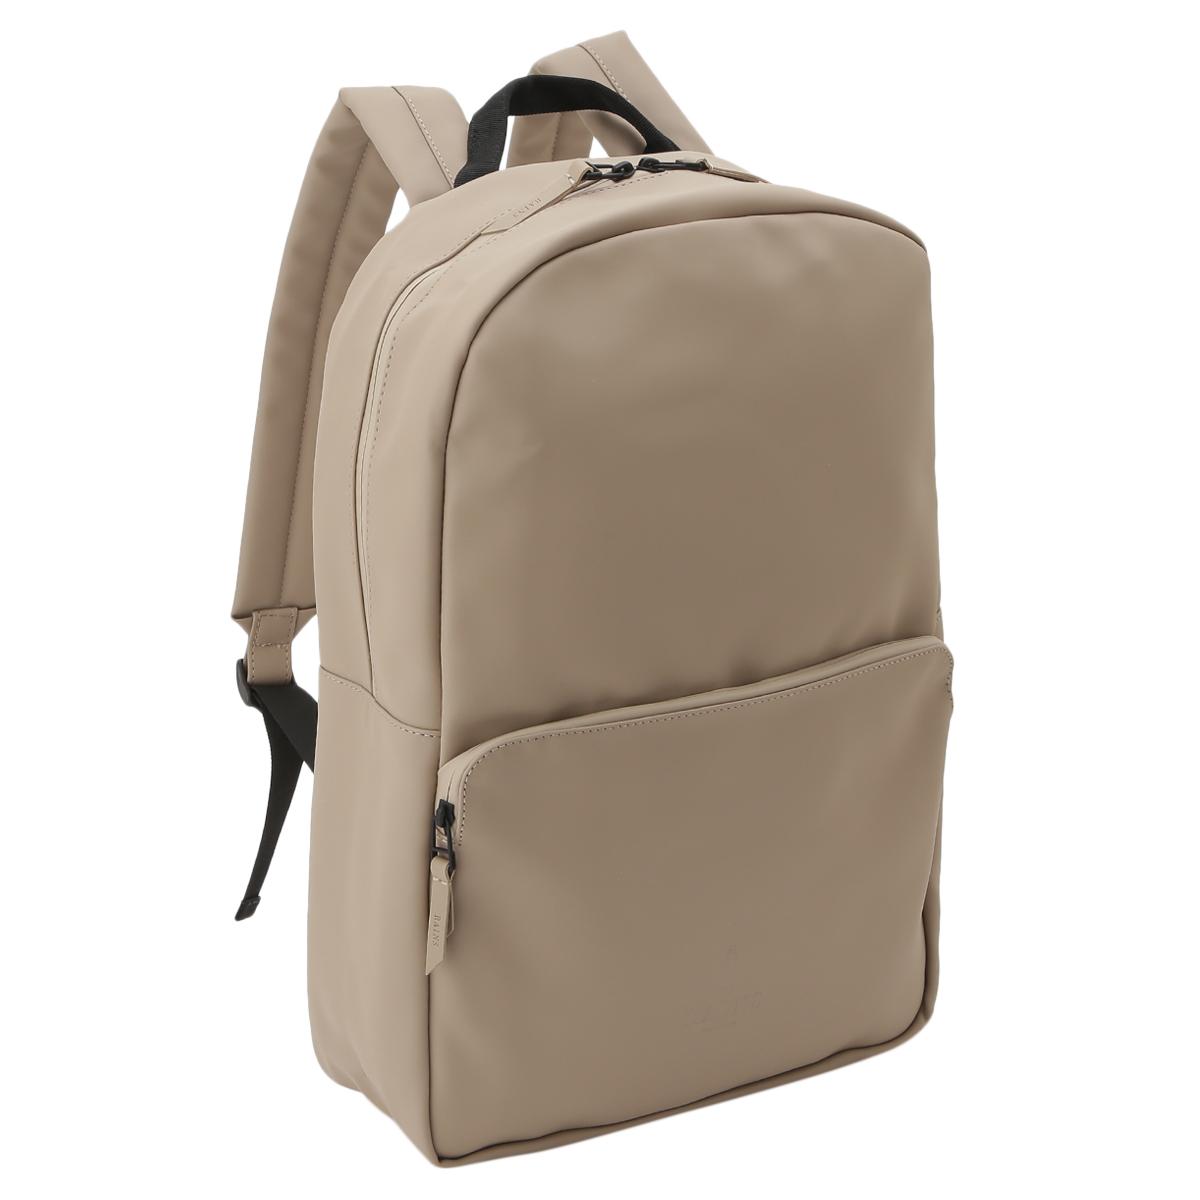 【即納】レインズ RAINS ユニセックス バッグ バックパック・リュック【Field Bag 1284】Beige デイパック 防水